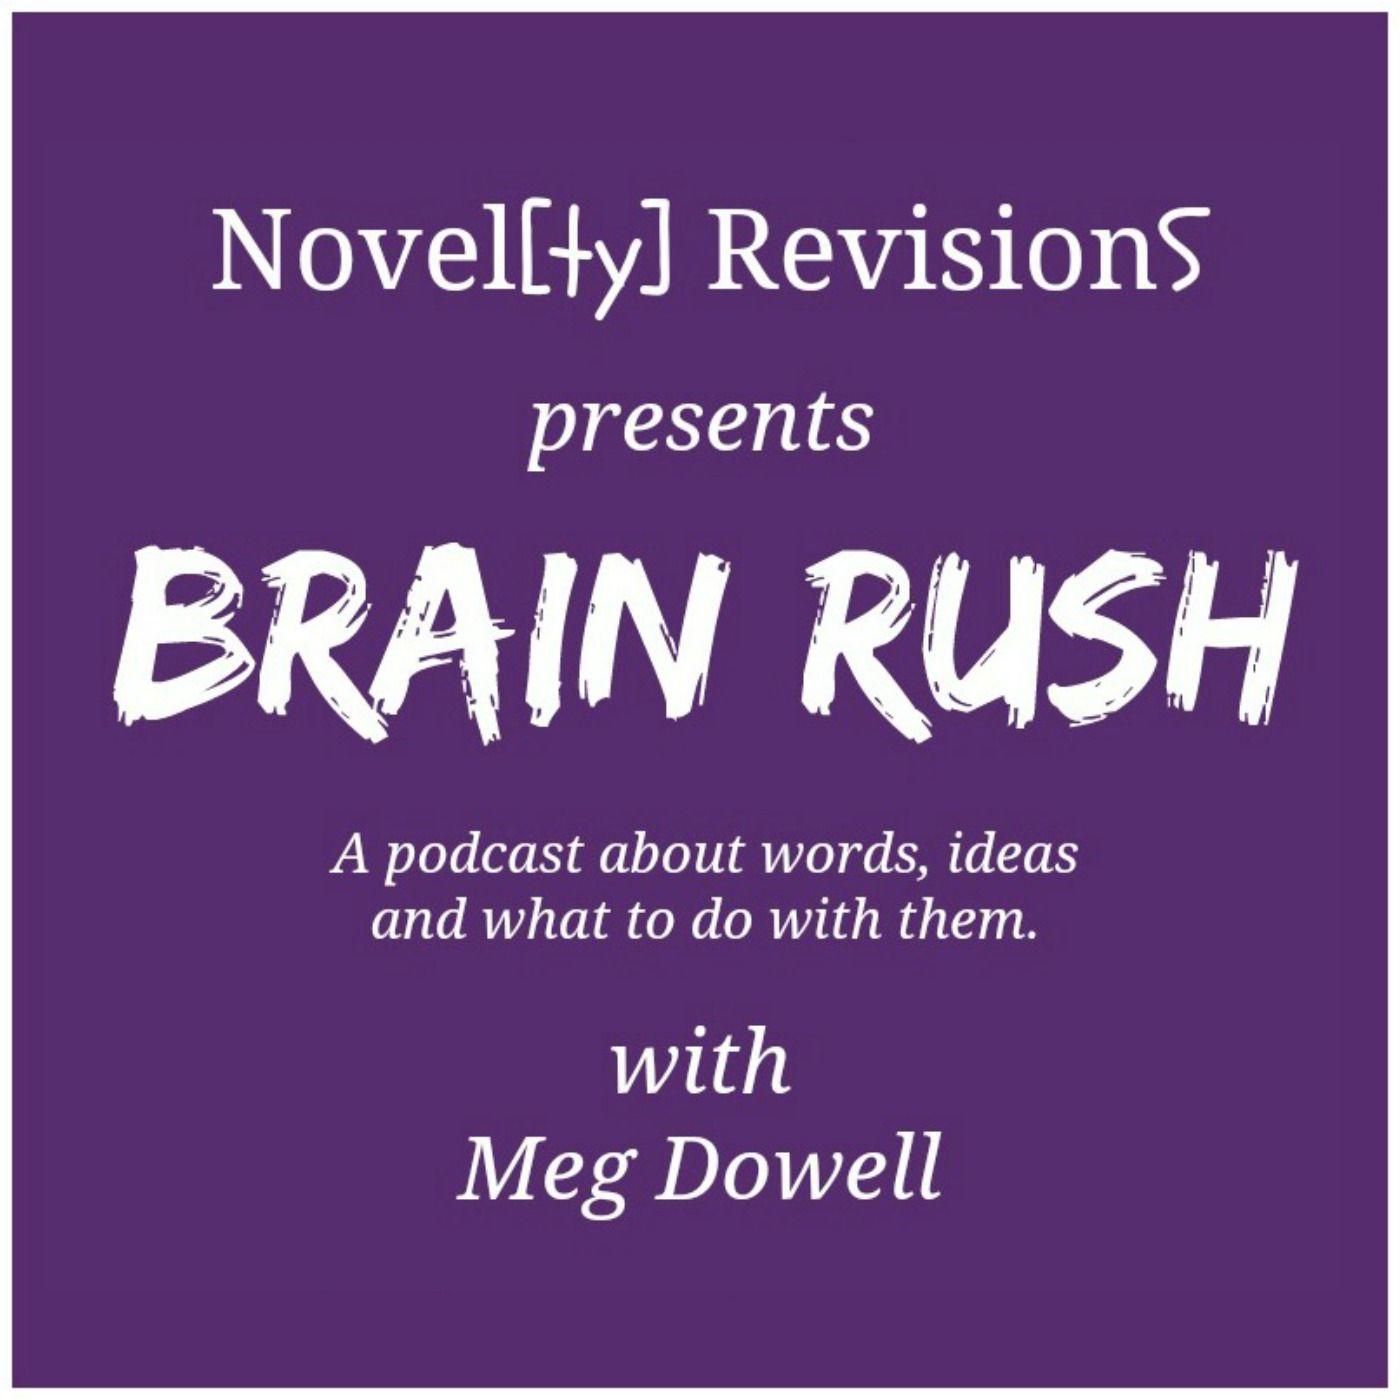 Brain Rush